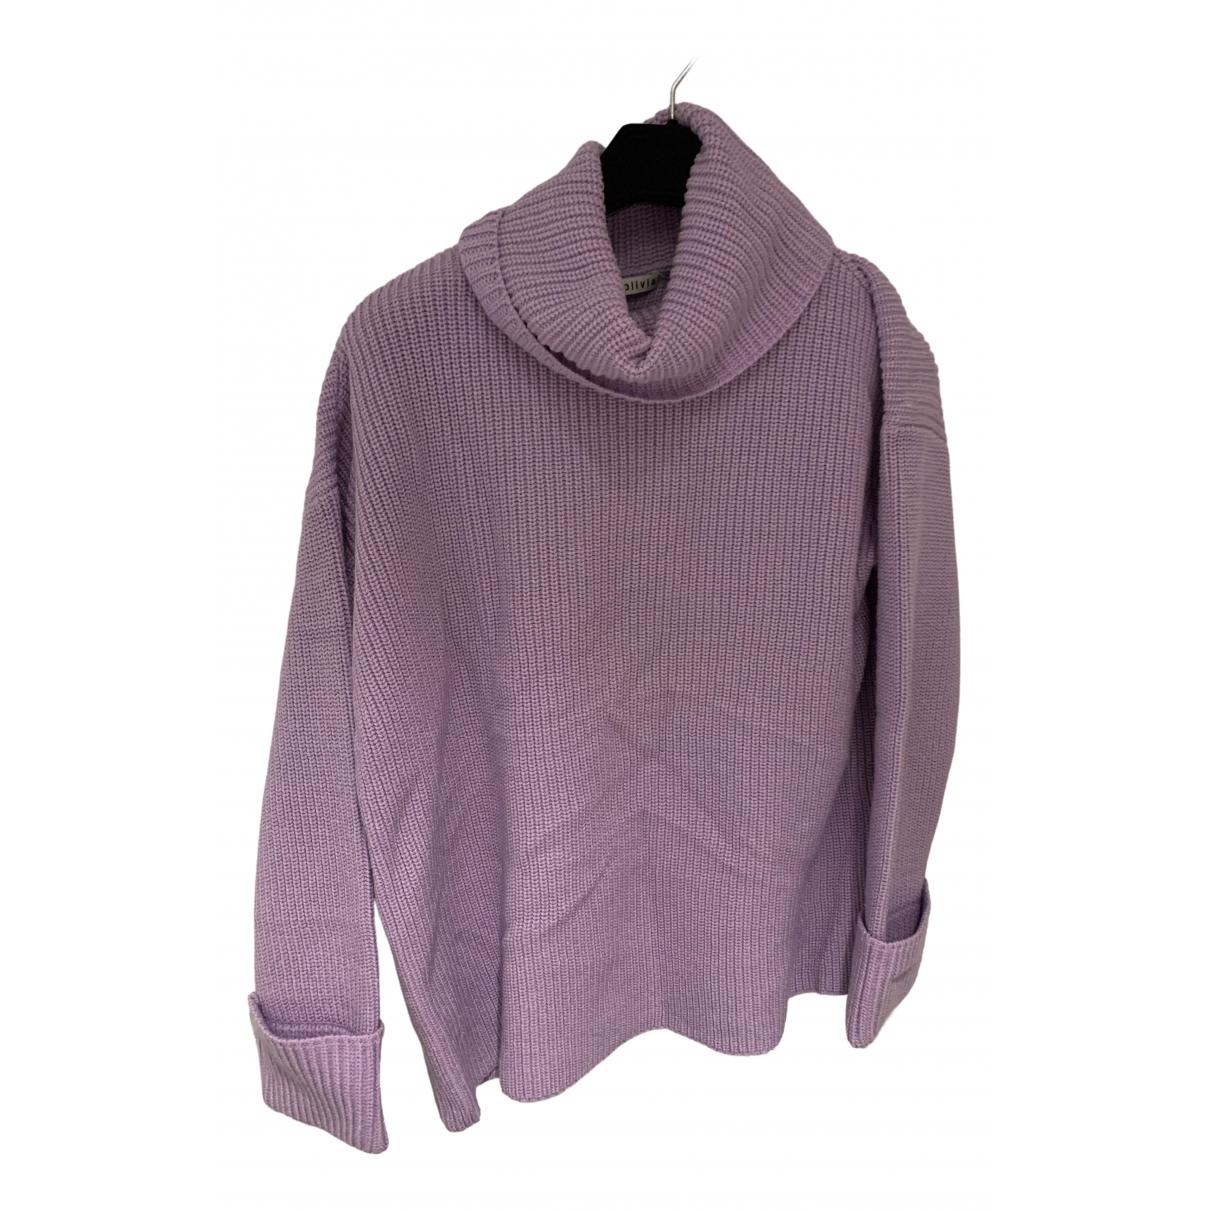 Alice & Olivia \N Purple Wool Knitwear for Women S International